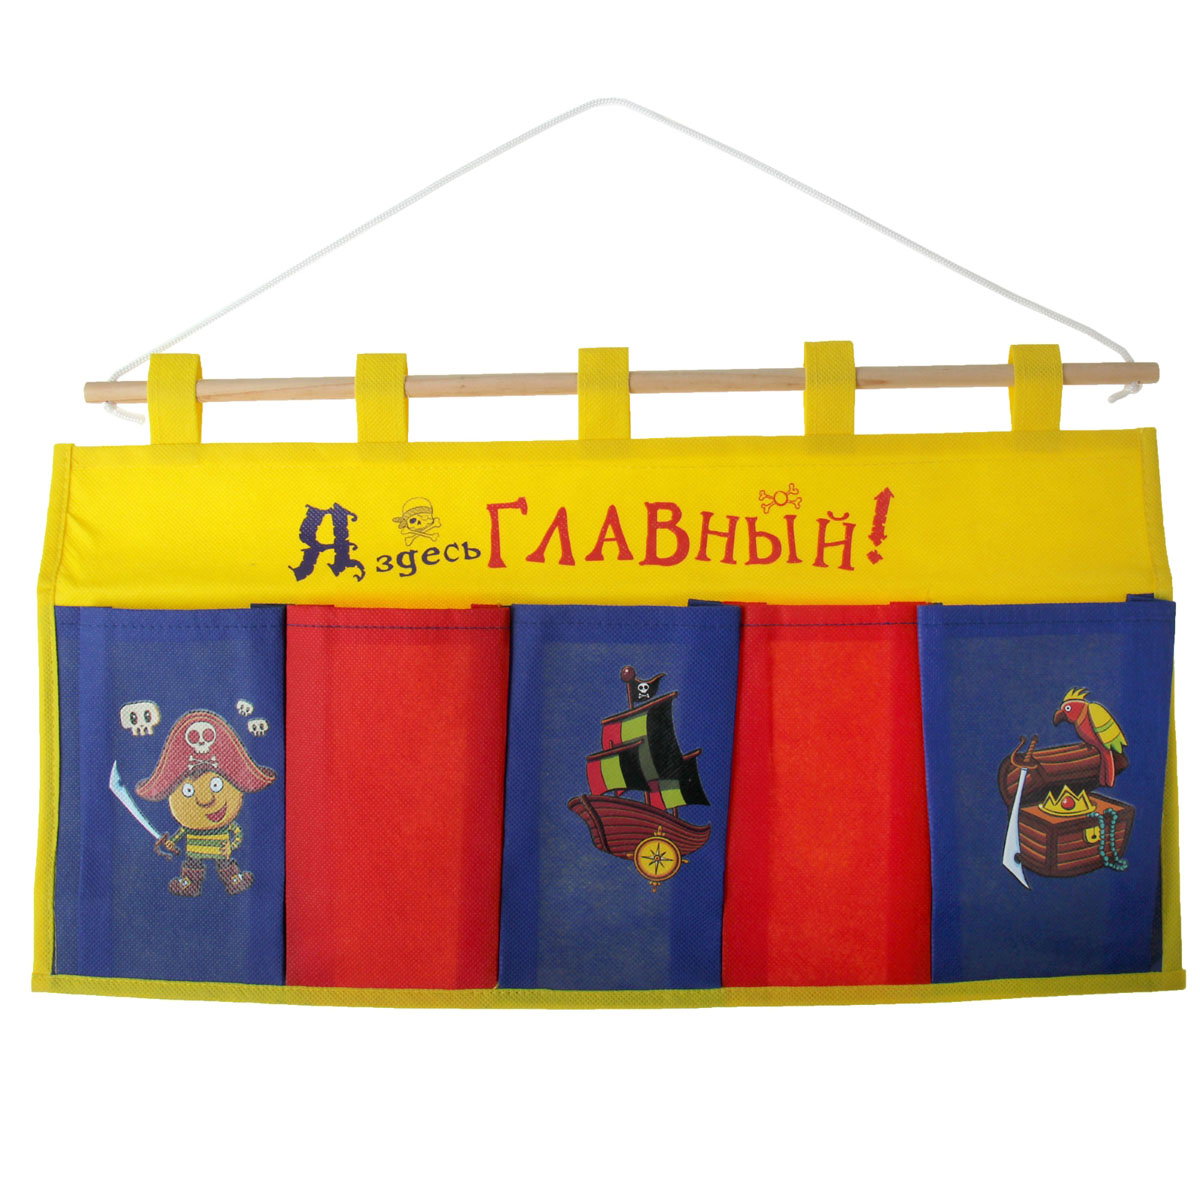 Кармашки на стену Sima-land Я здесь главный, цвет: синий, красный, желтый, 5 шт838305Кармашки на стену «Я здесь главный» предназначены для хранения необходимых вещей, множества мелочей в гардеробной, ванной, детской комнатах. Изделие выполнено из текстиля и представляет собой 5 сшитых между собой кармашков на ткани, которые, благодаря 5 петелькам, куда просовывается деревянная палочка на веревке, можно повесить в необходимом для вас и вашего ребенка месте. На кармашках имеются изображения в виде корабля, пирата, сундука и надпись «Я здесь главный!».Этот нужный предмет может стать одновременно и декоративным элементом комнаты. Яркий текстиль, как ничто иное, способен оживить интерьер вашего жилища и сделает каждый день ярче и радостнее.